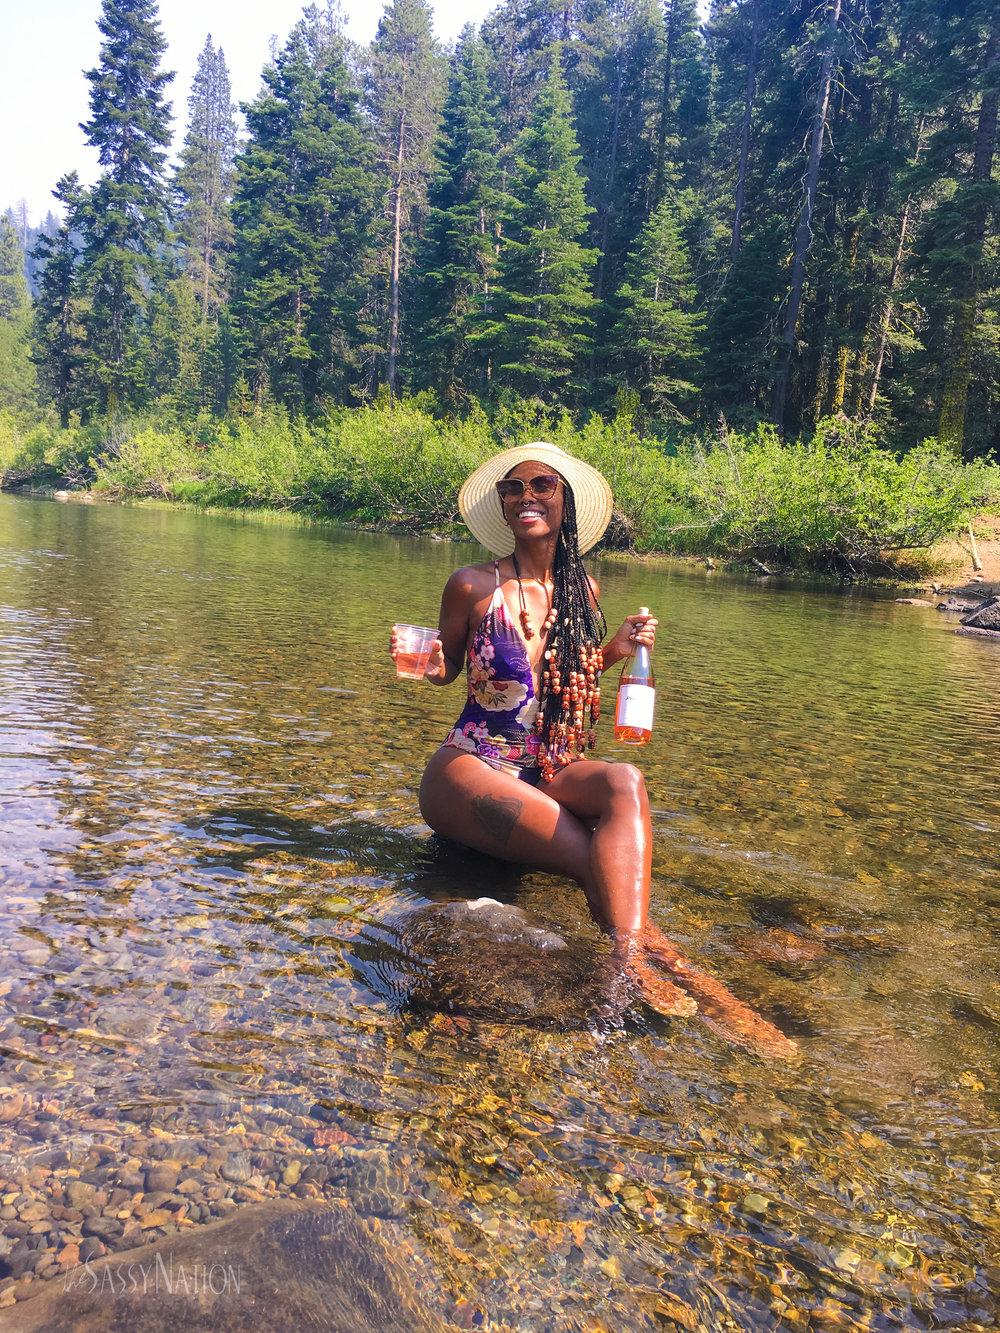 Lake_Tahoe_Summer_TheSassyNation-25.jpg